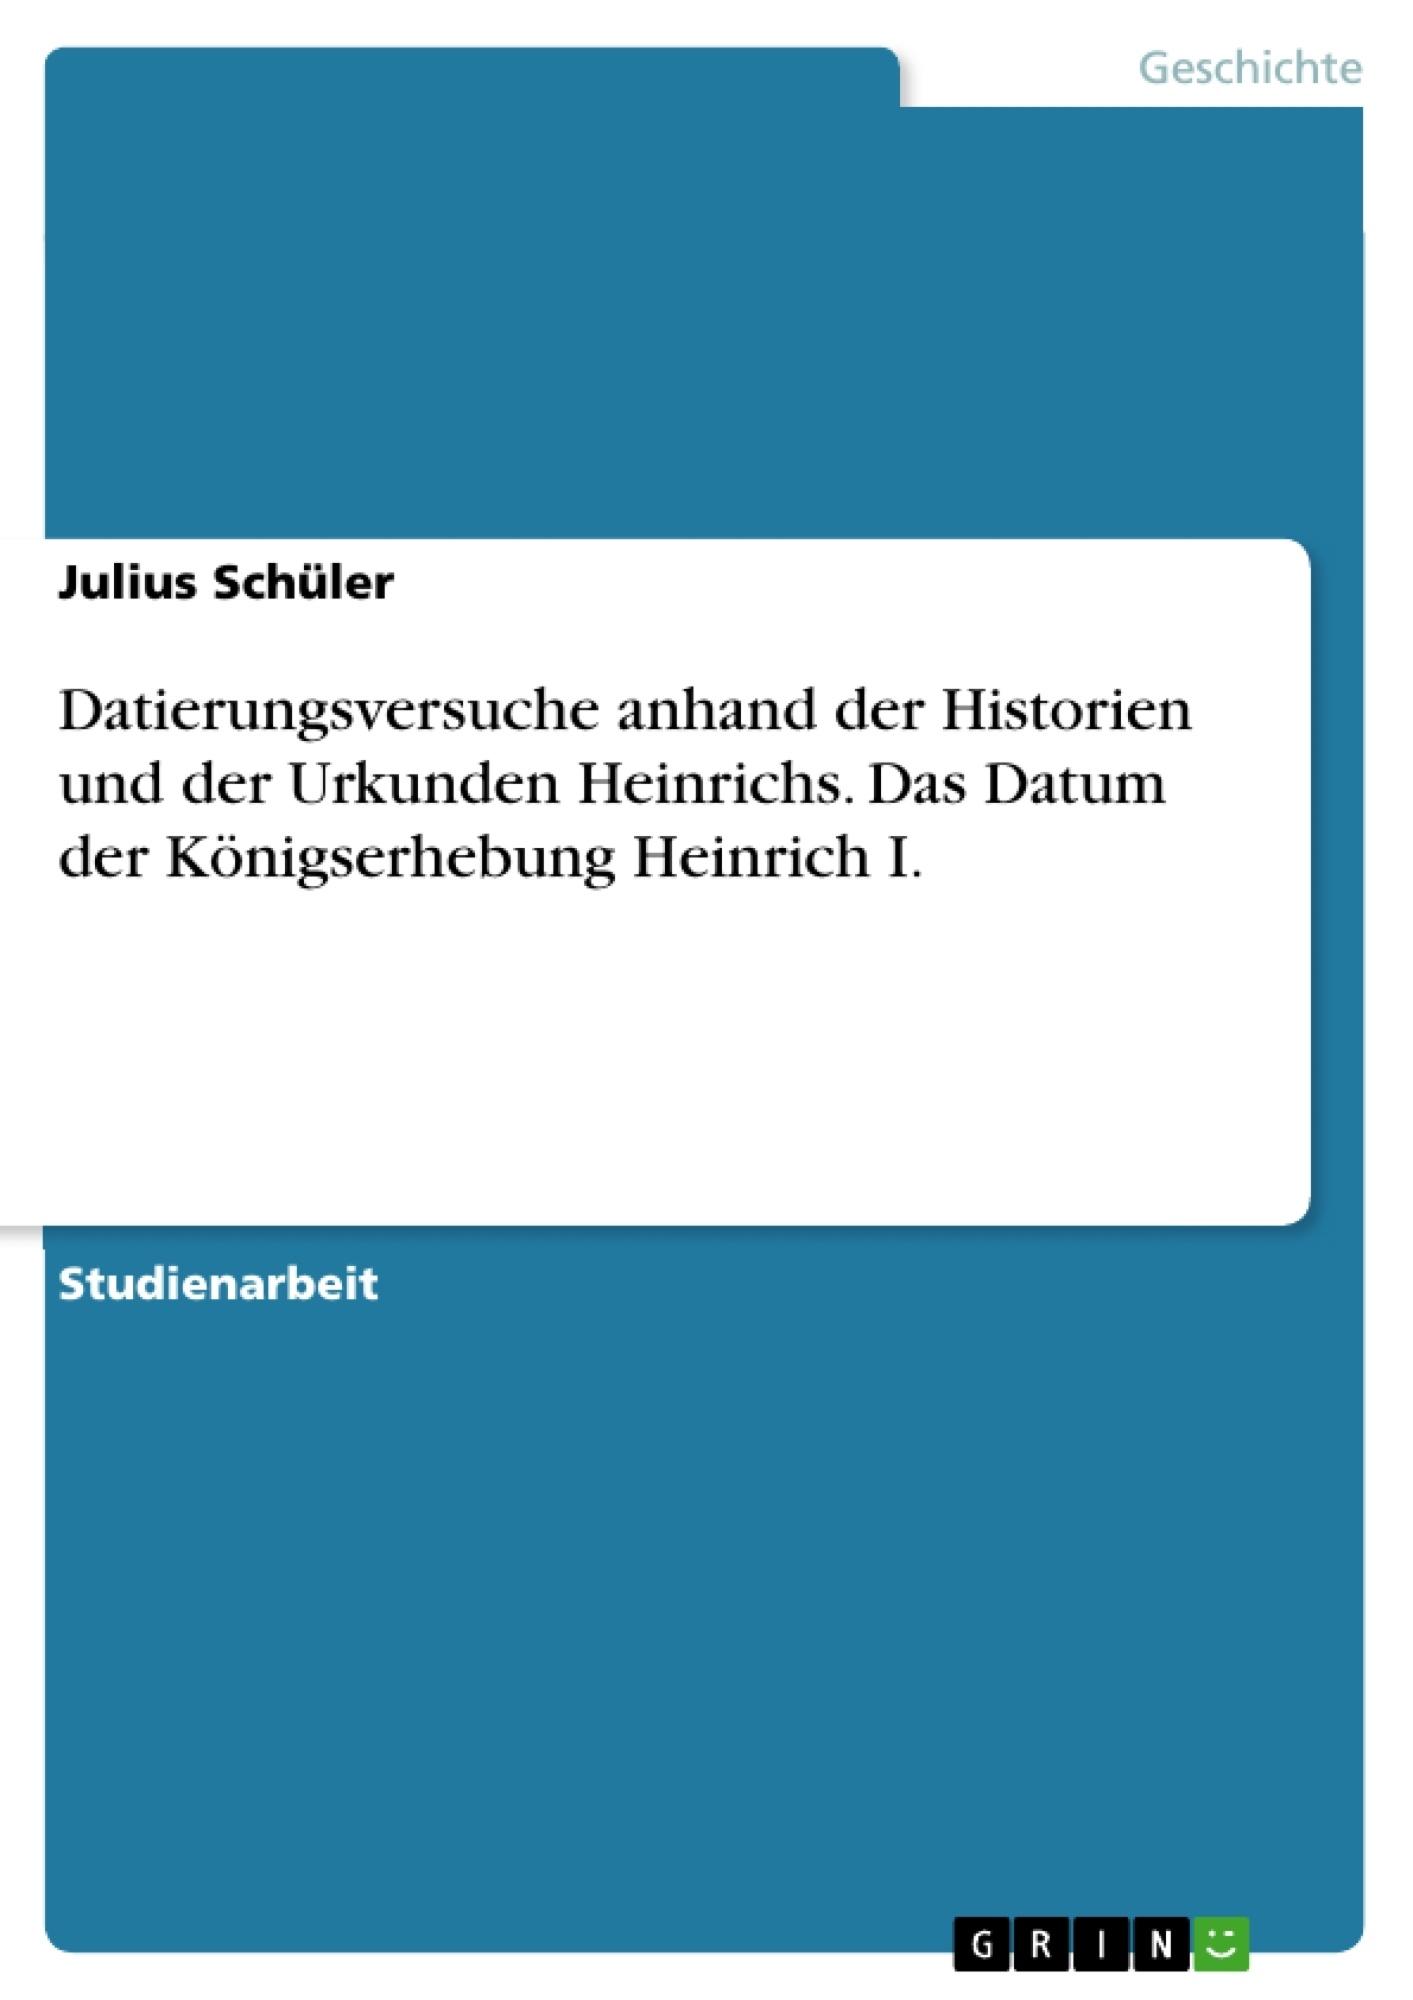 Titel: Datierungsversuche anhand der Historien und der Urkunden Heinrichs. Das Datum der Königserhebung Heinrich I.